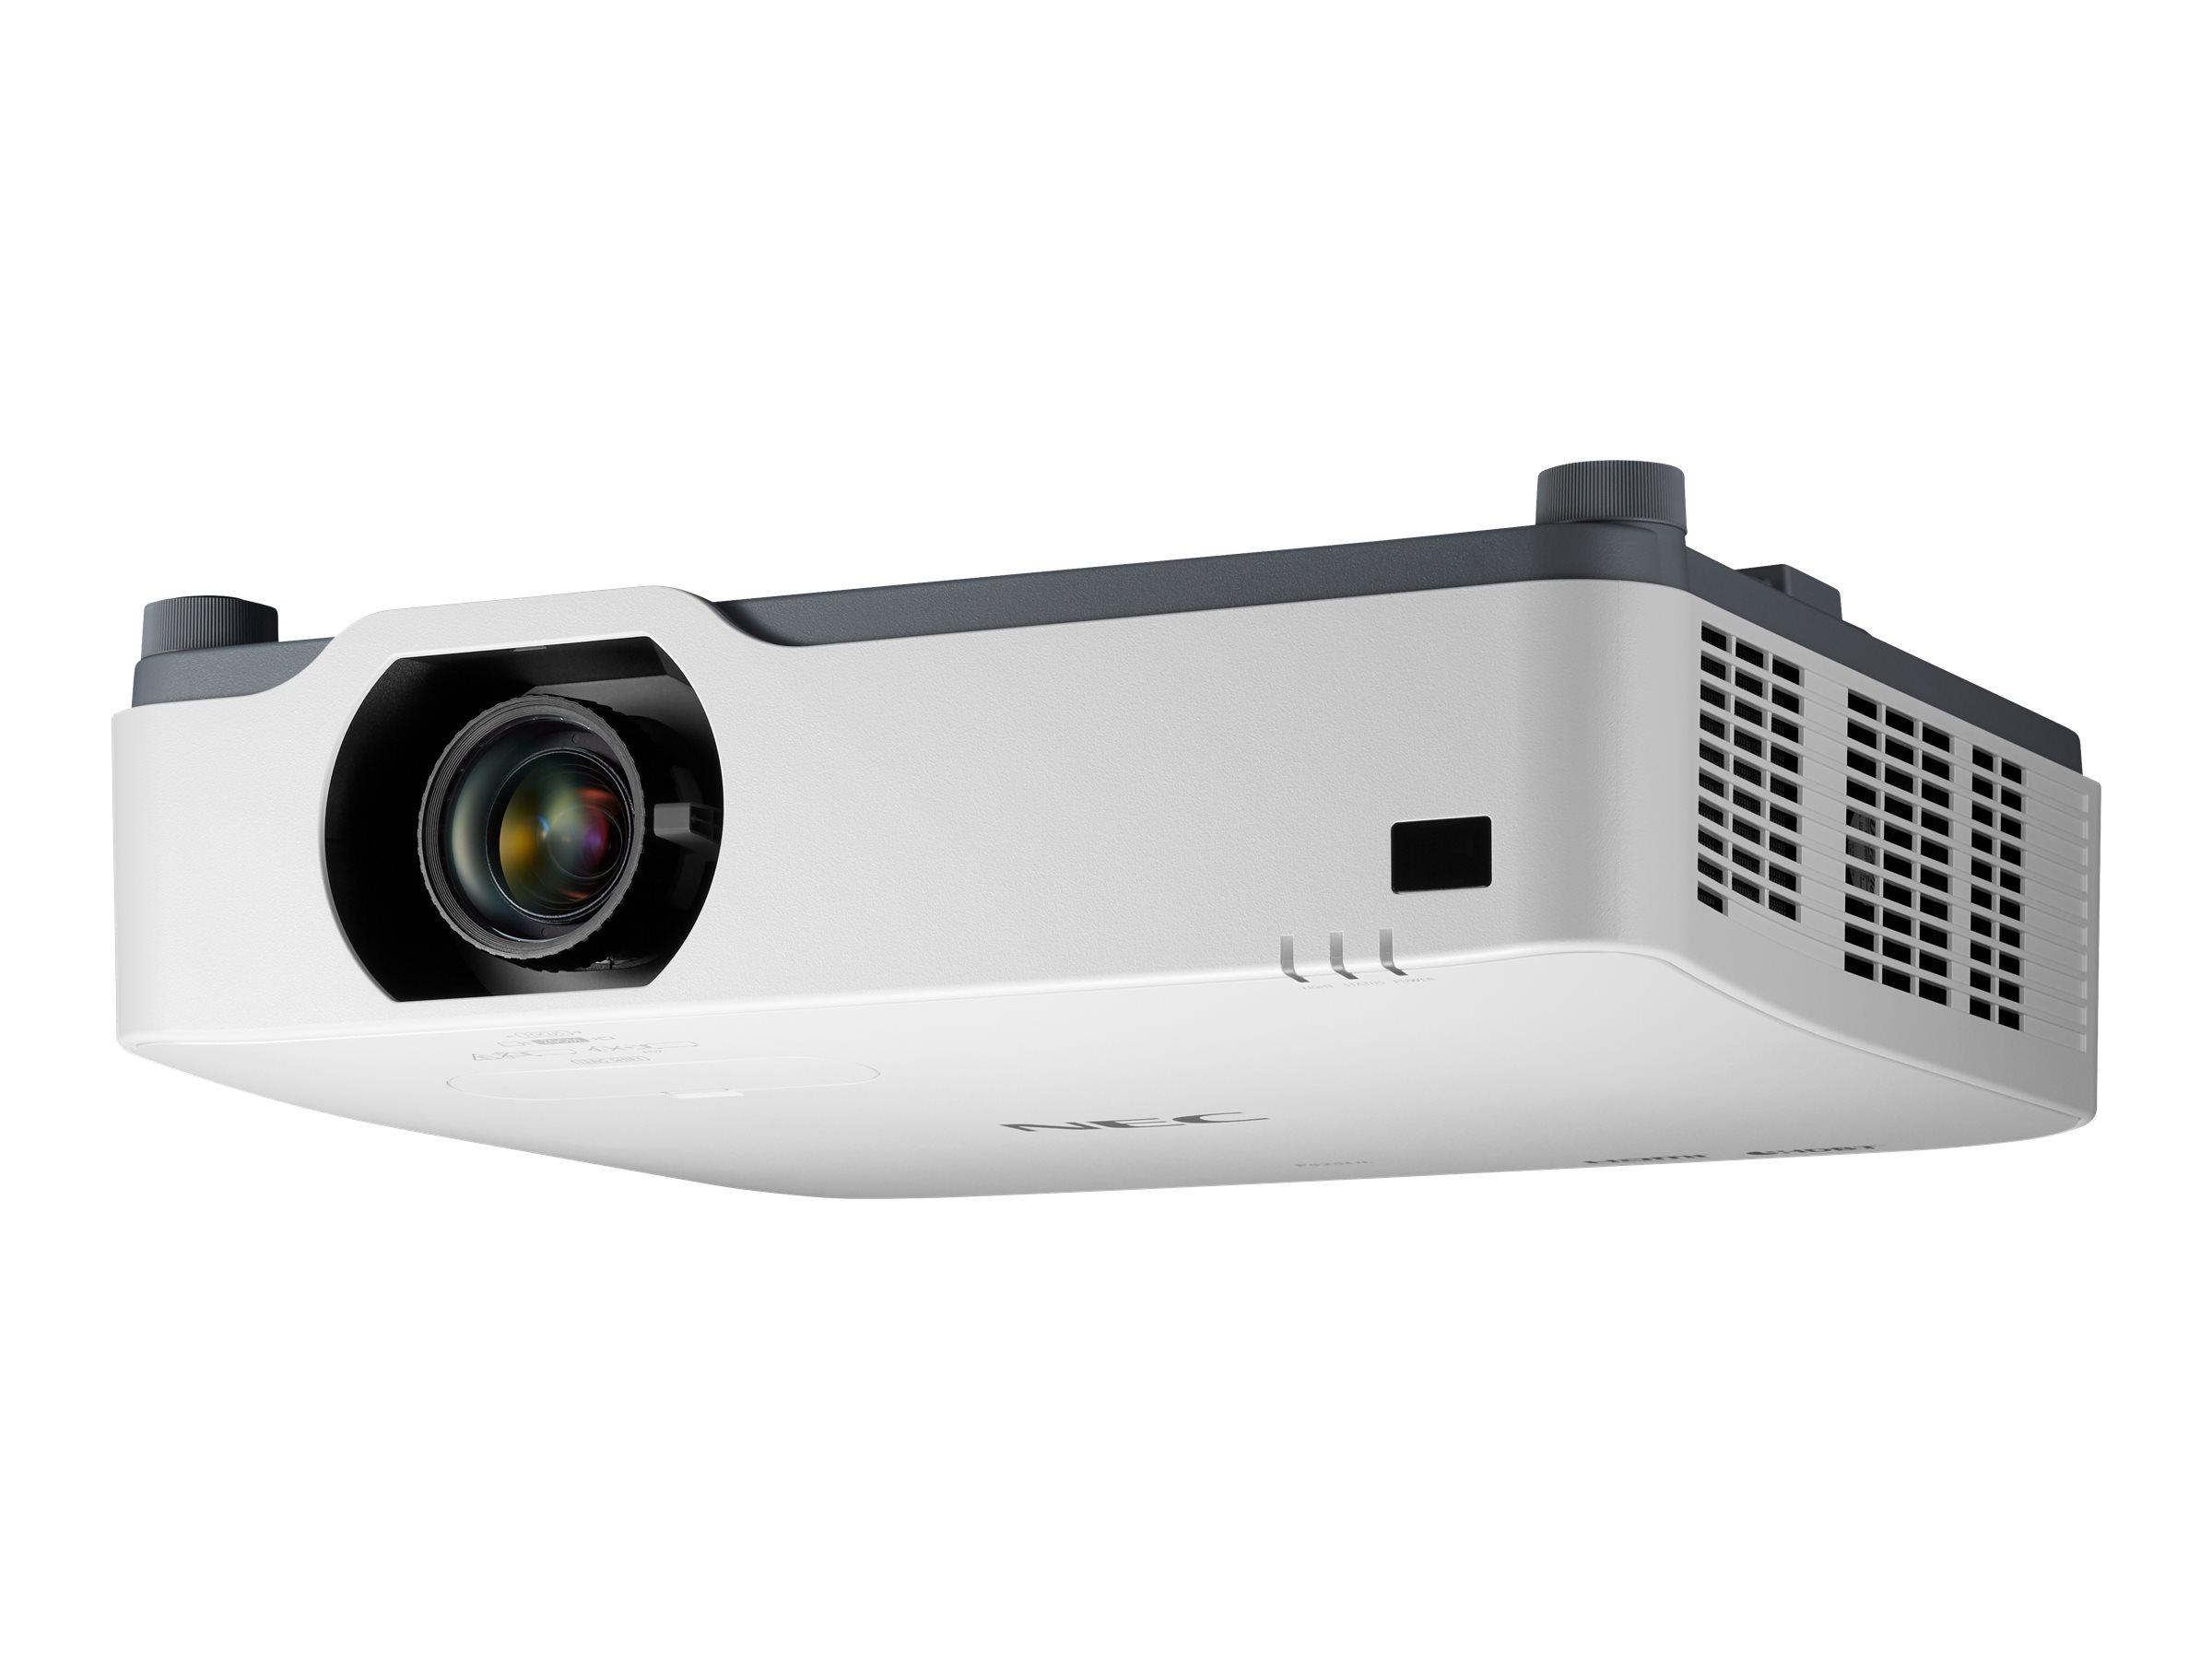 NEC P605UL - 3-LCD-Projektor - 6000 lm - WUXGA (1920 x 1200) - 16:10 - 1080p